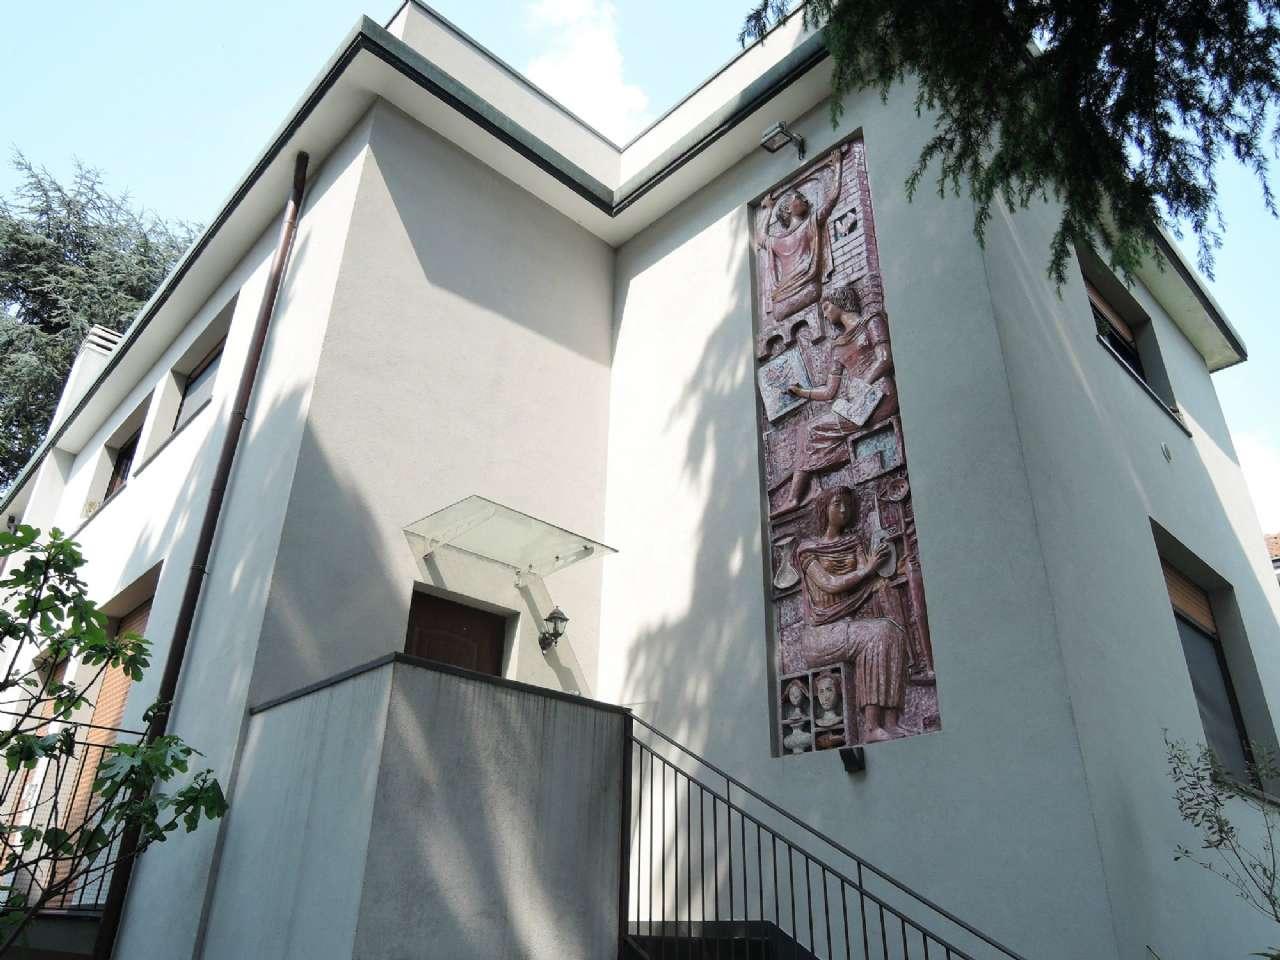 In Vendita Quadrilocale a Milano